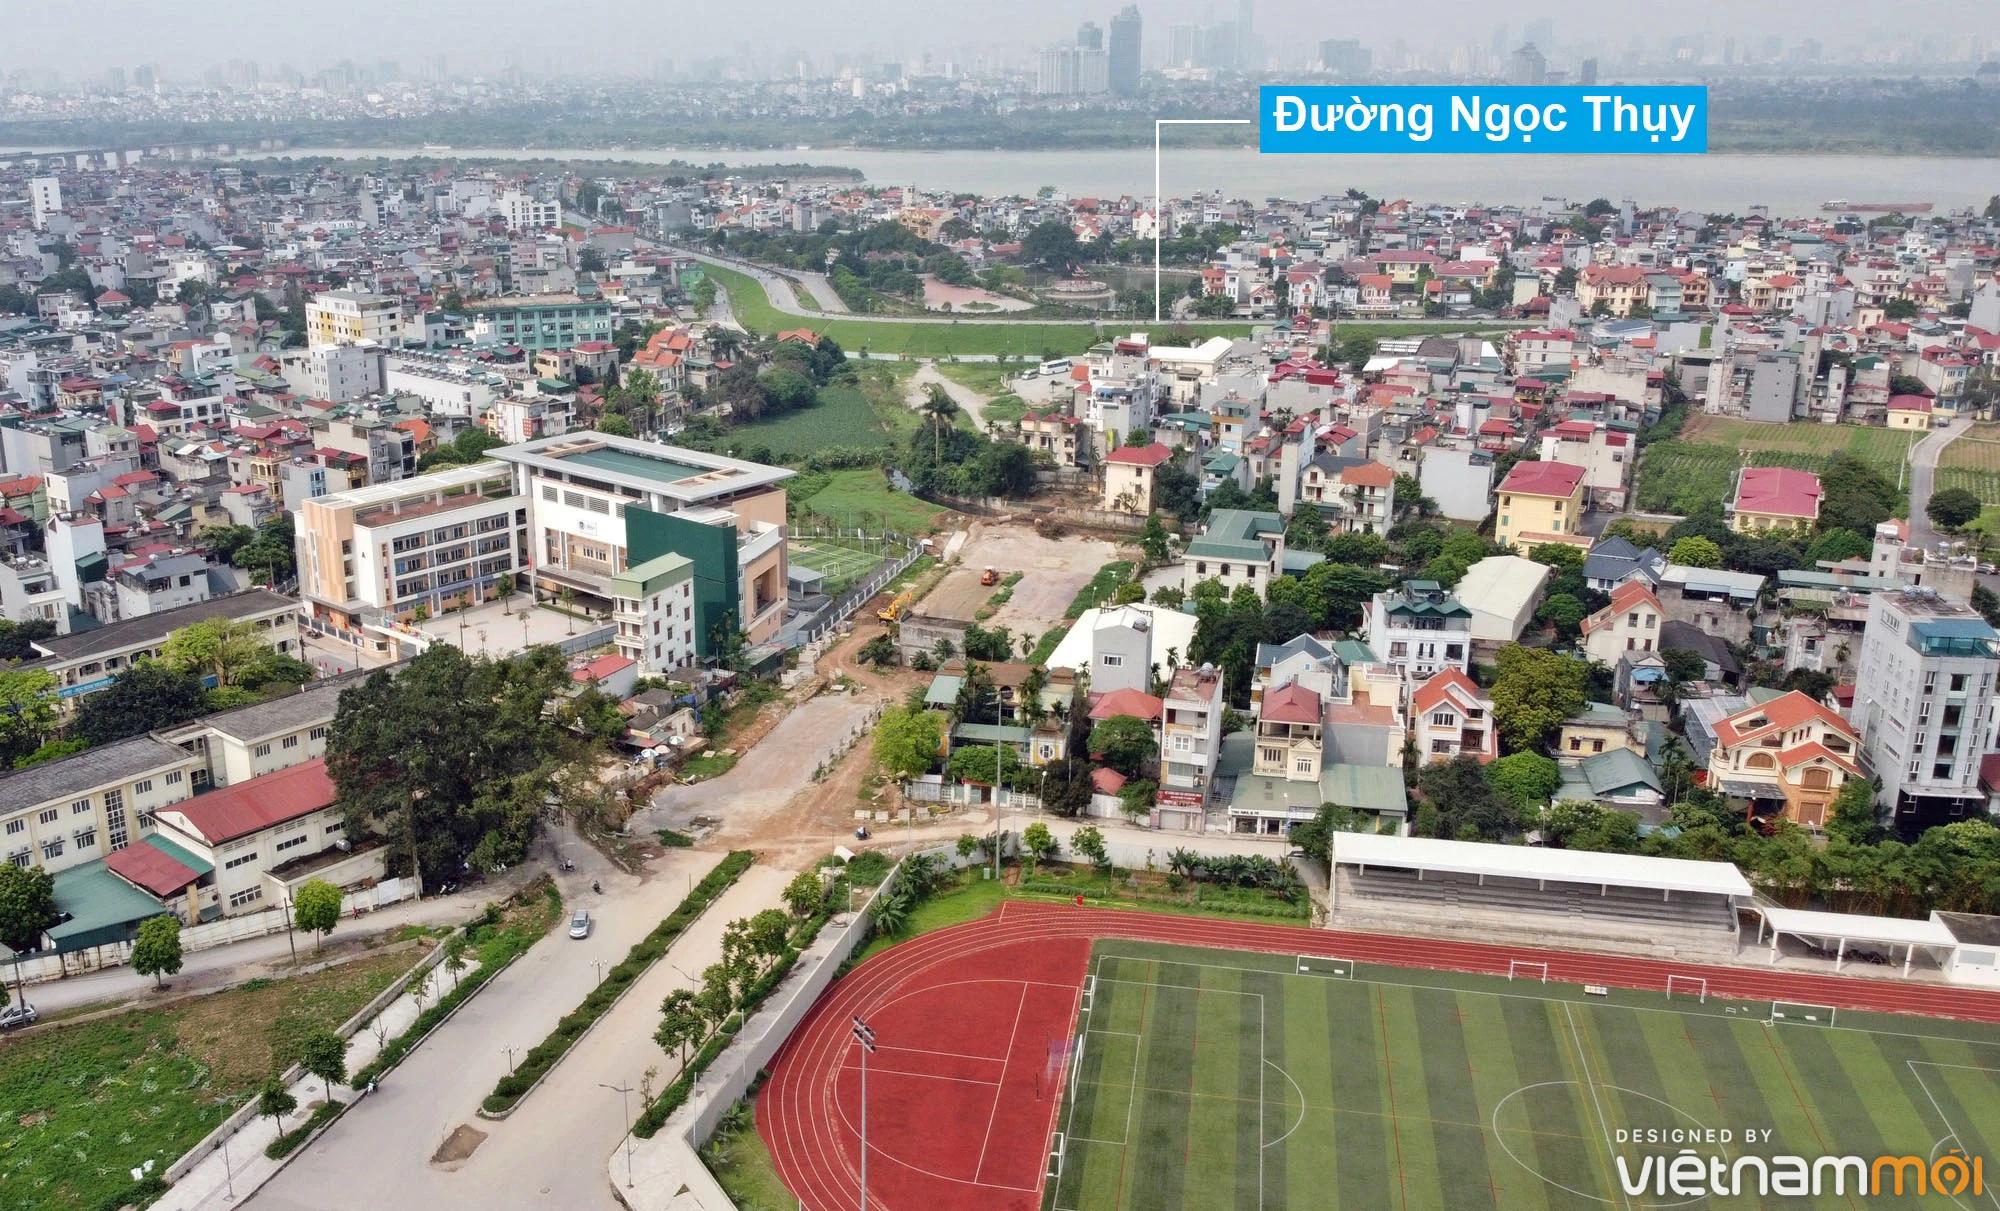 Toàn cảnh đường từ đê Ngọc Thụy đến KĐTM Thượng Thanh đang mở theo quy hoạch ở Hà Nội - Ảnh 1.